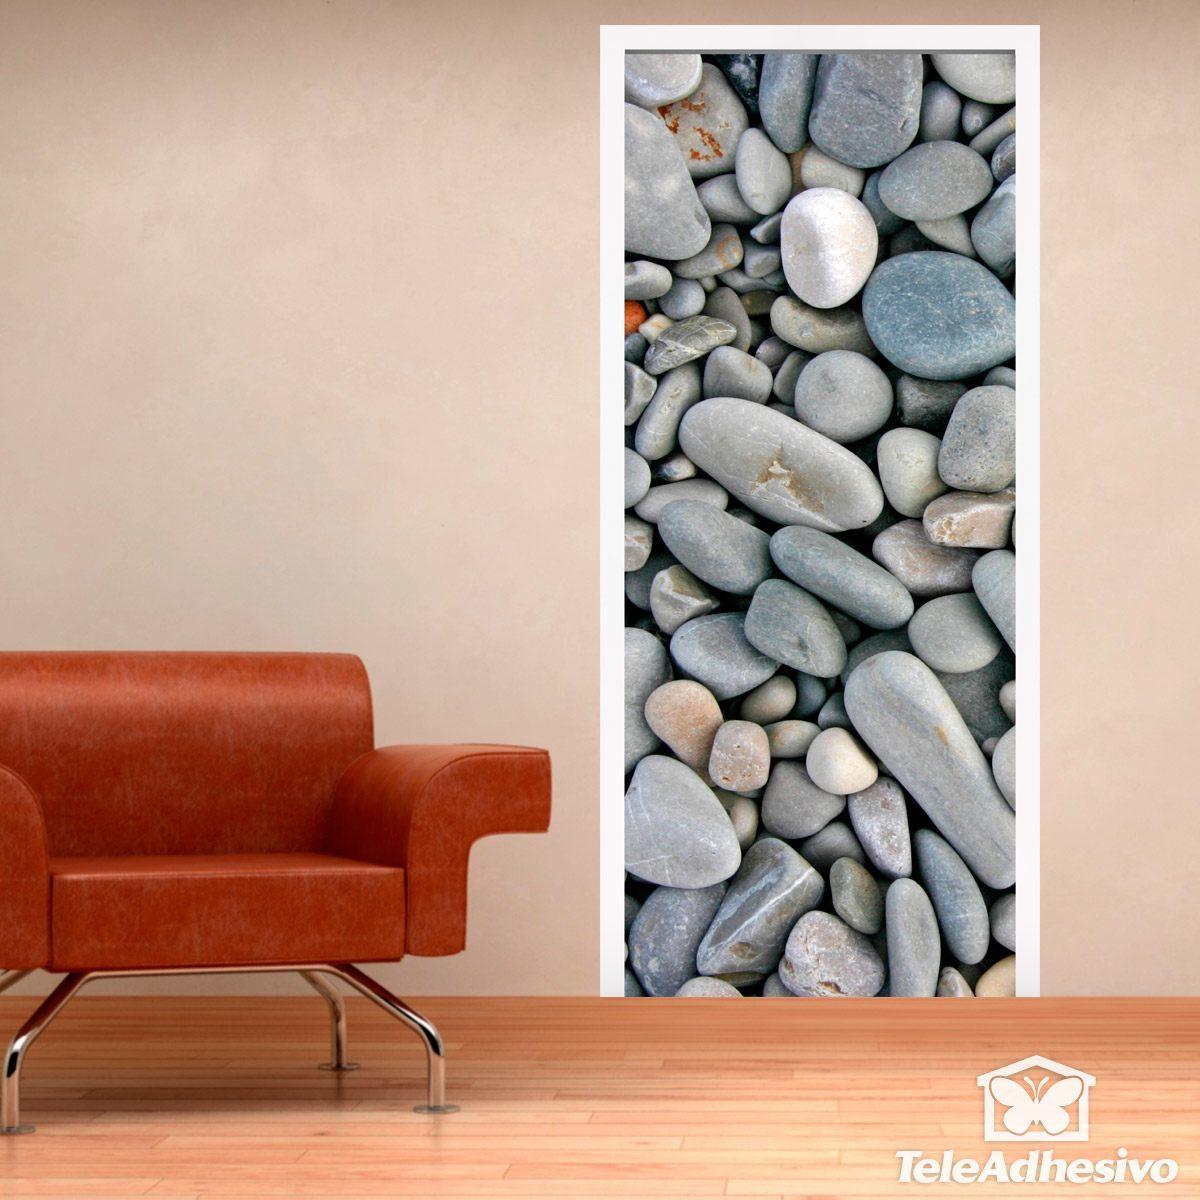 Adhesivos decorativos originales de puertas teleadhesivo - Vinilos decorativos puertas ...